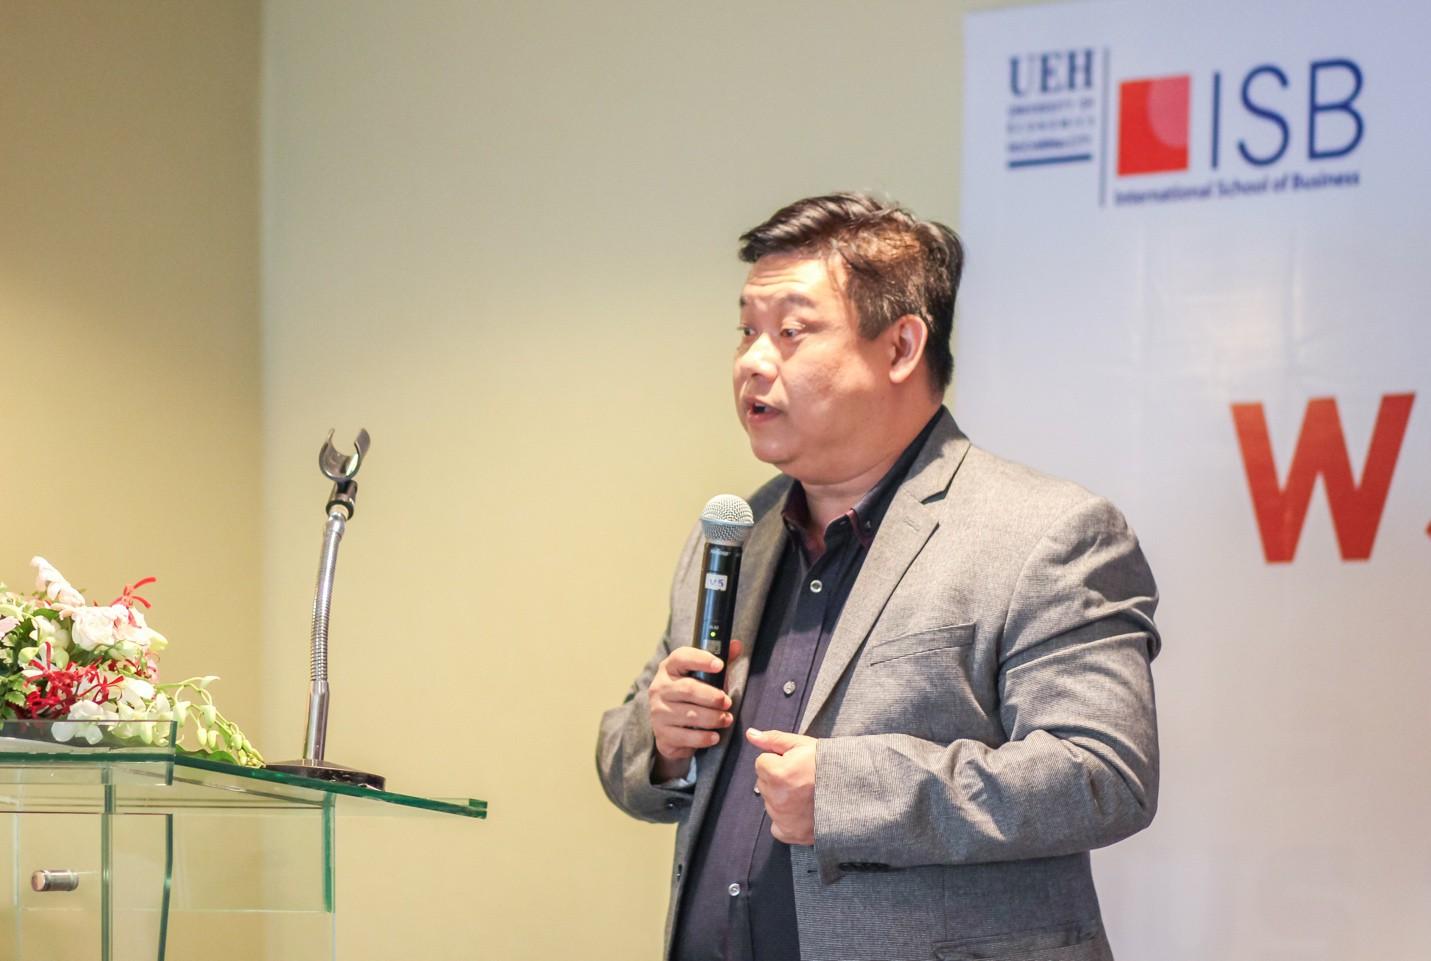 WSU BBUS Talent: Cơ hội trải nghiệm nền giáo dục hiện đại cho sinh viên ASEAN - Ảnh 3.